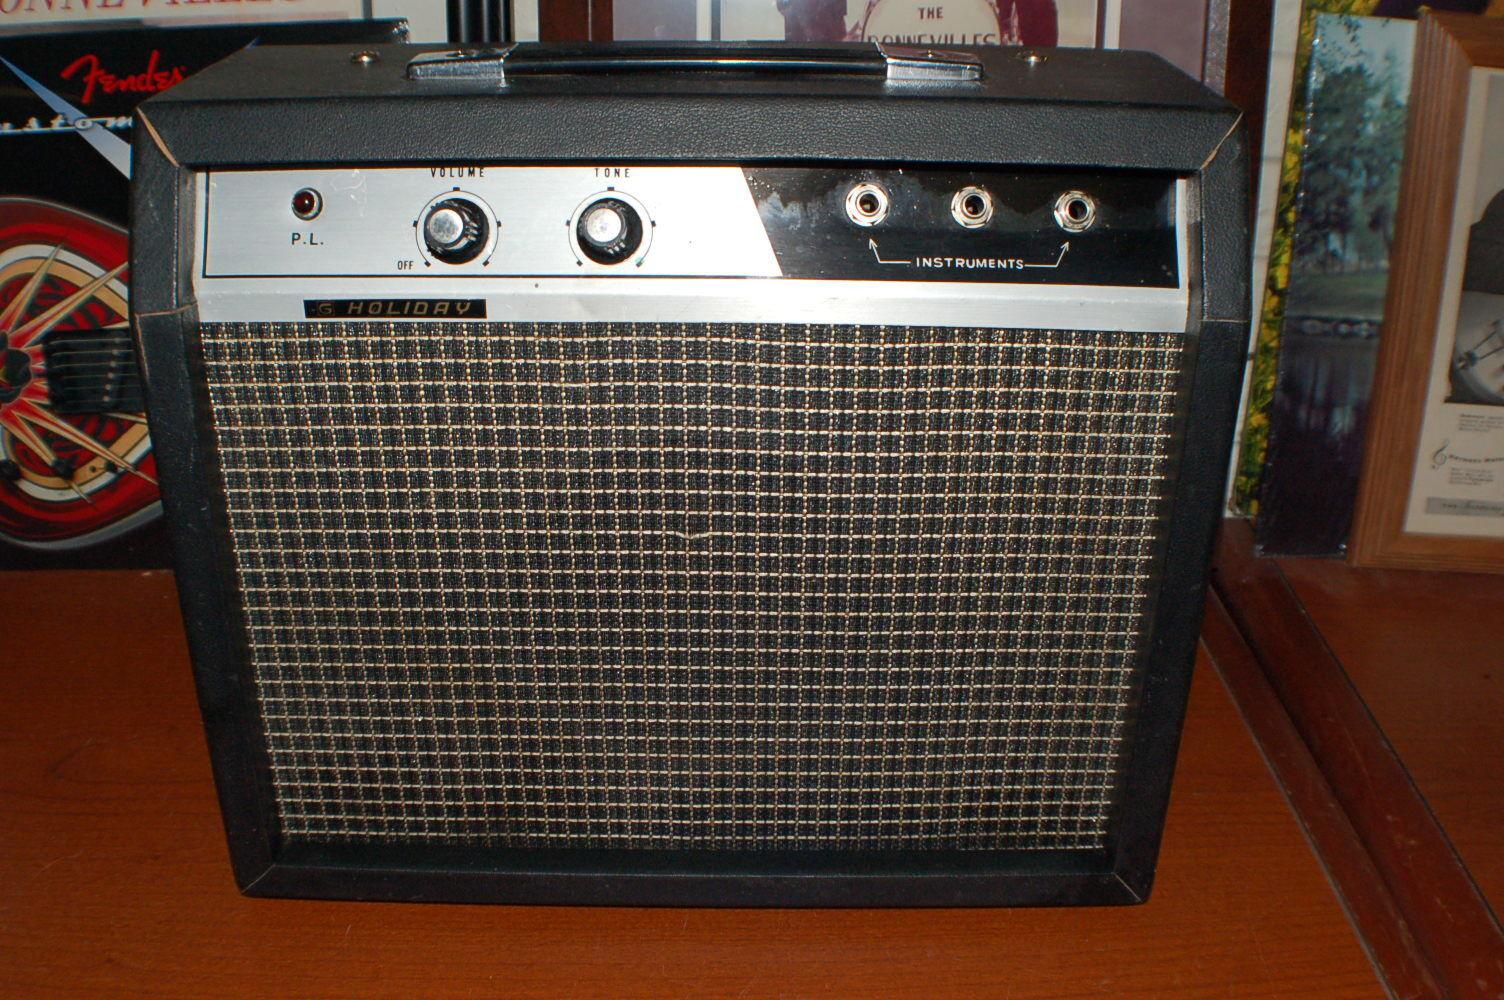 Vintage Vintage Vintage Raro 1965 vacaciones por Kawai Guitarra Amplificador funciona de estado sólido y limpio  ea5638